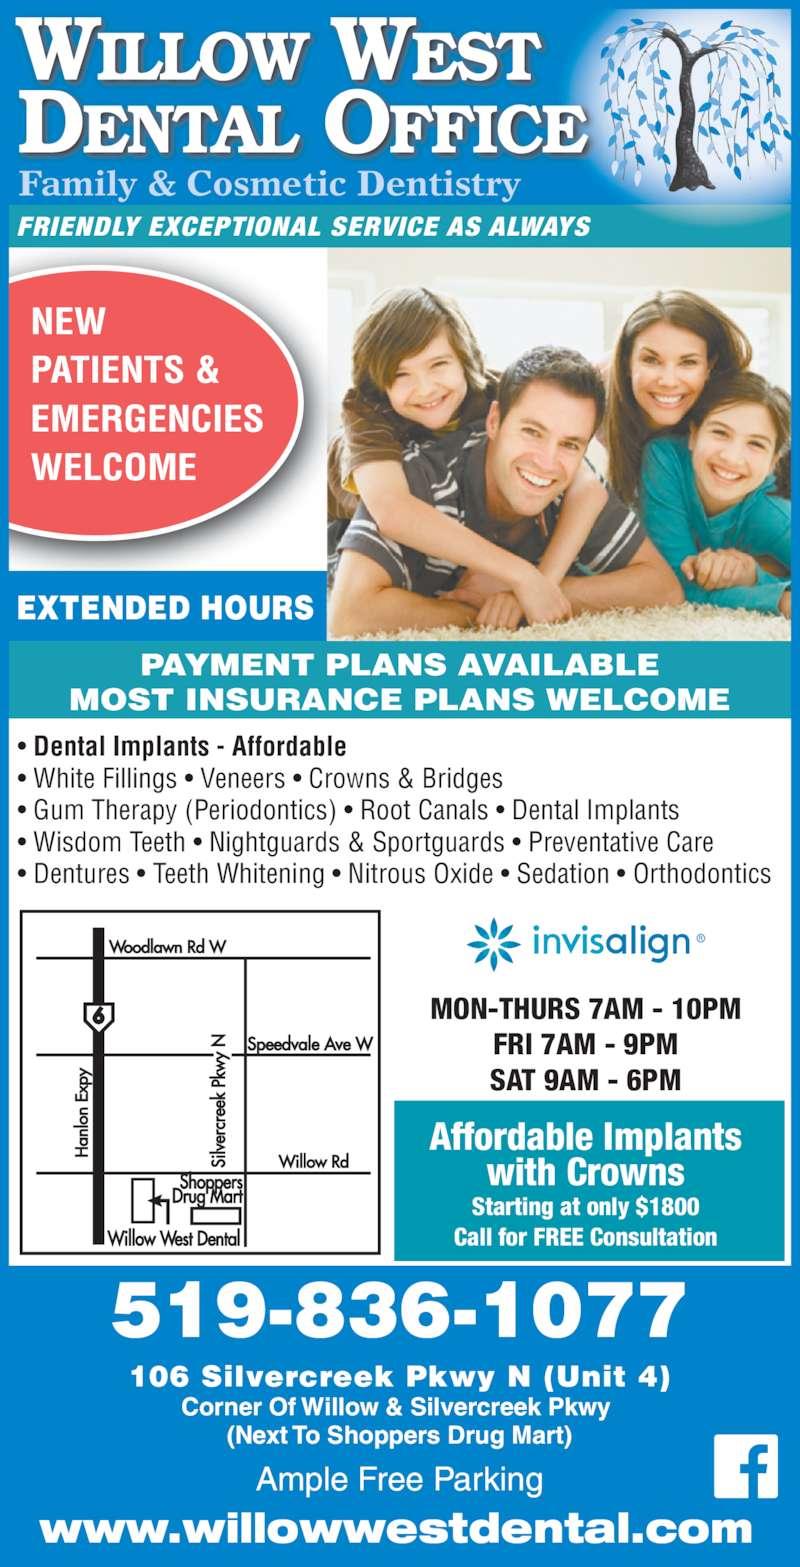 wisdom dental emergency melbourne reviews